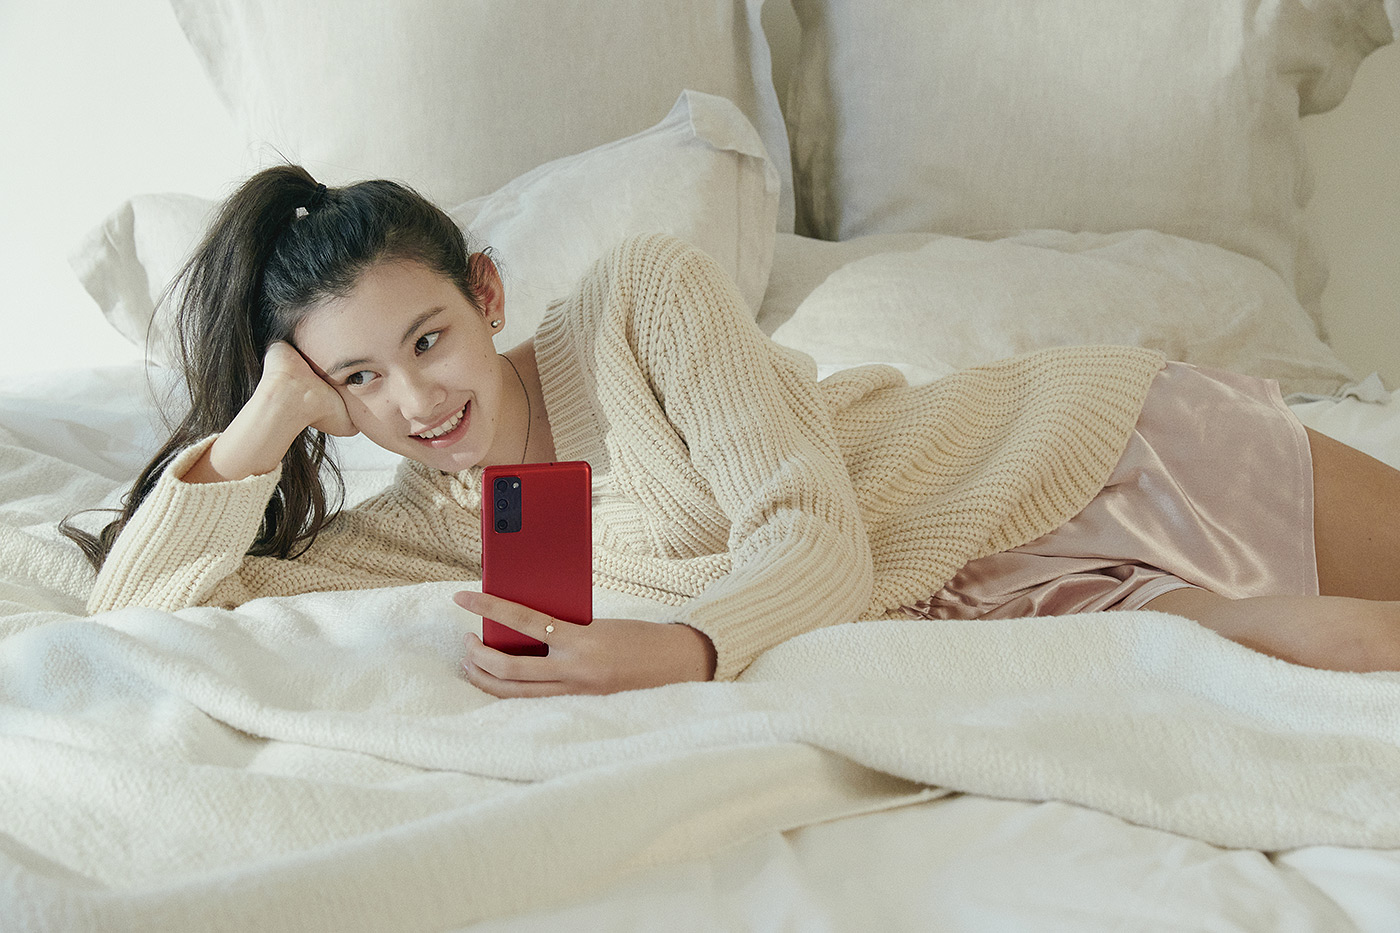 Зачем нужен Samsung S20 Fan Edition - привет китайским компаниям гаджеты,Интернет,мобильные телефоны,наука,Россия,смартфоны,телефоны,техника,технологии,электроника